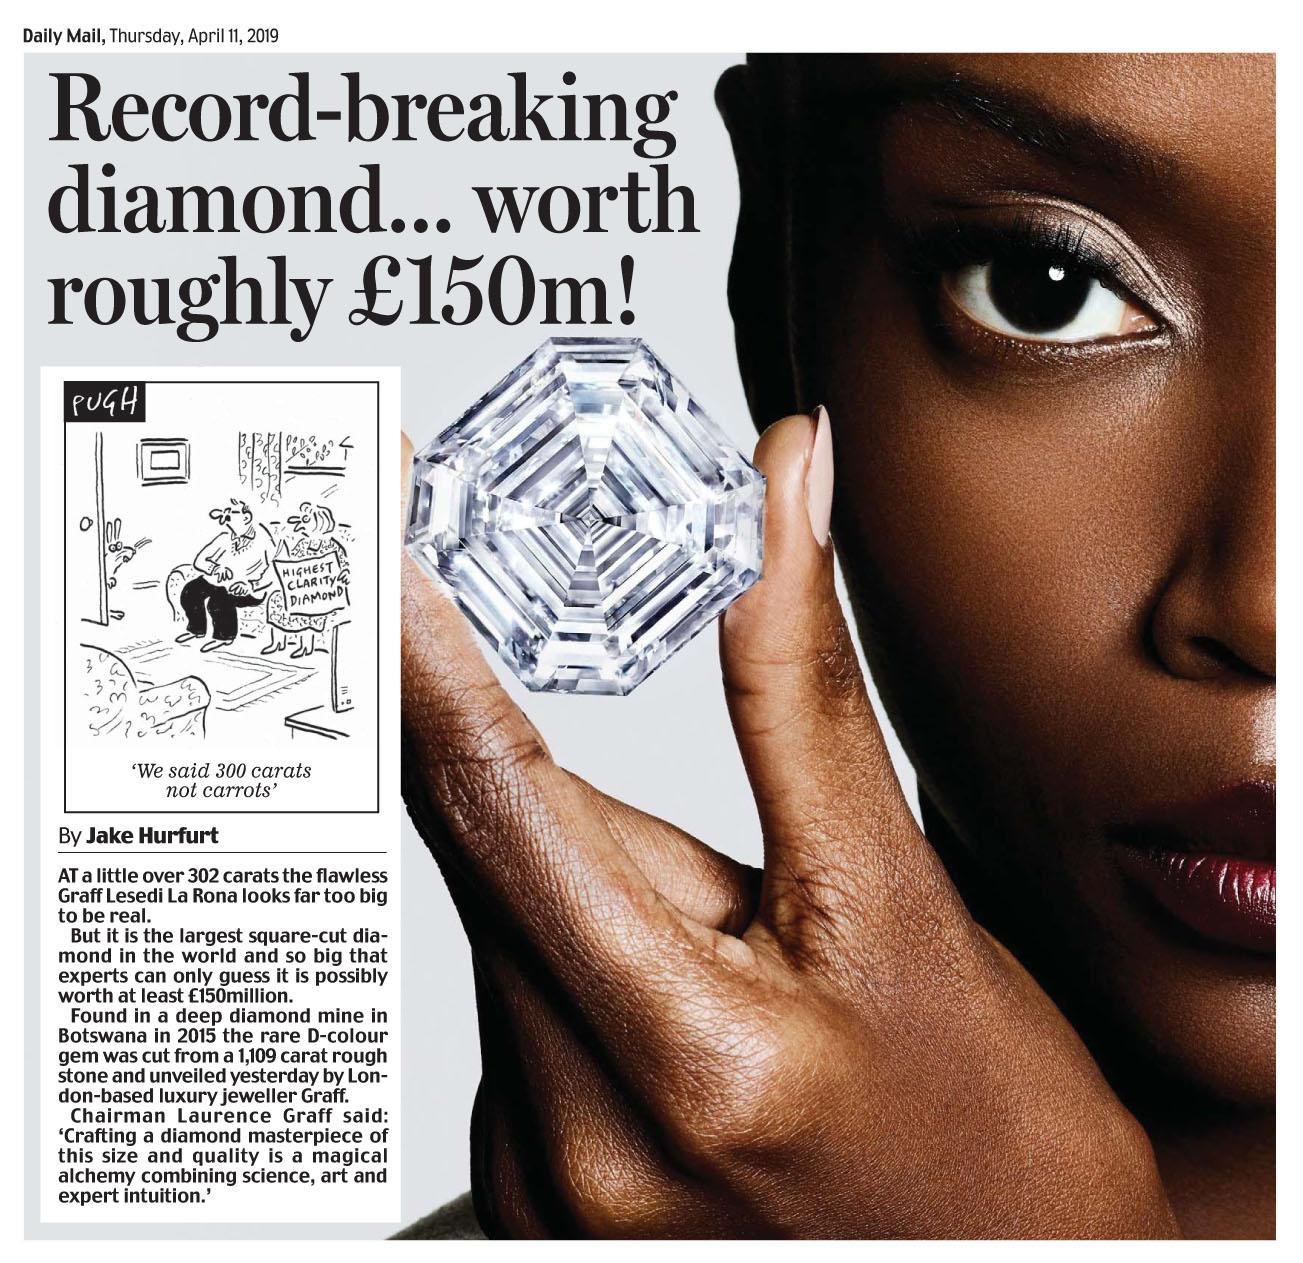 Daily Mail April 11 2019 Diamond.jpg